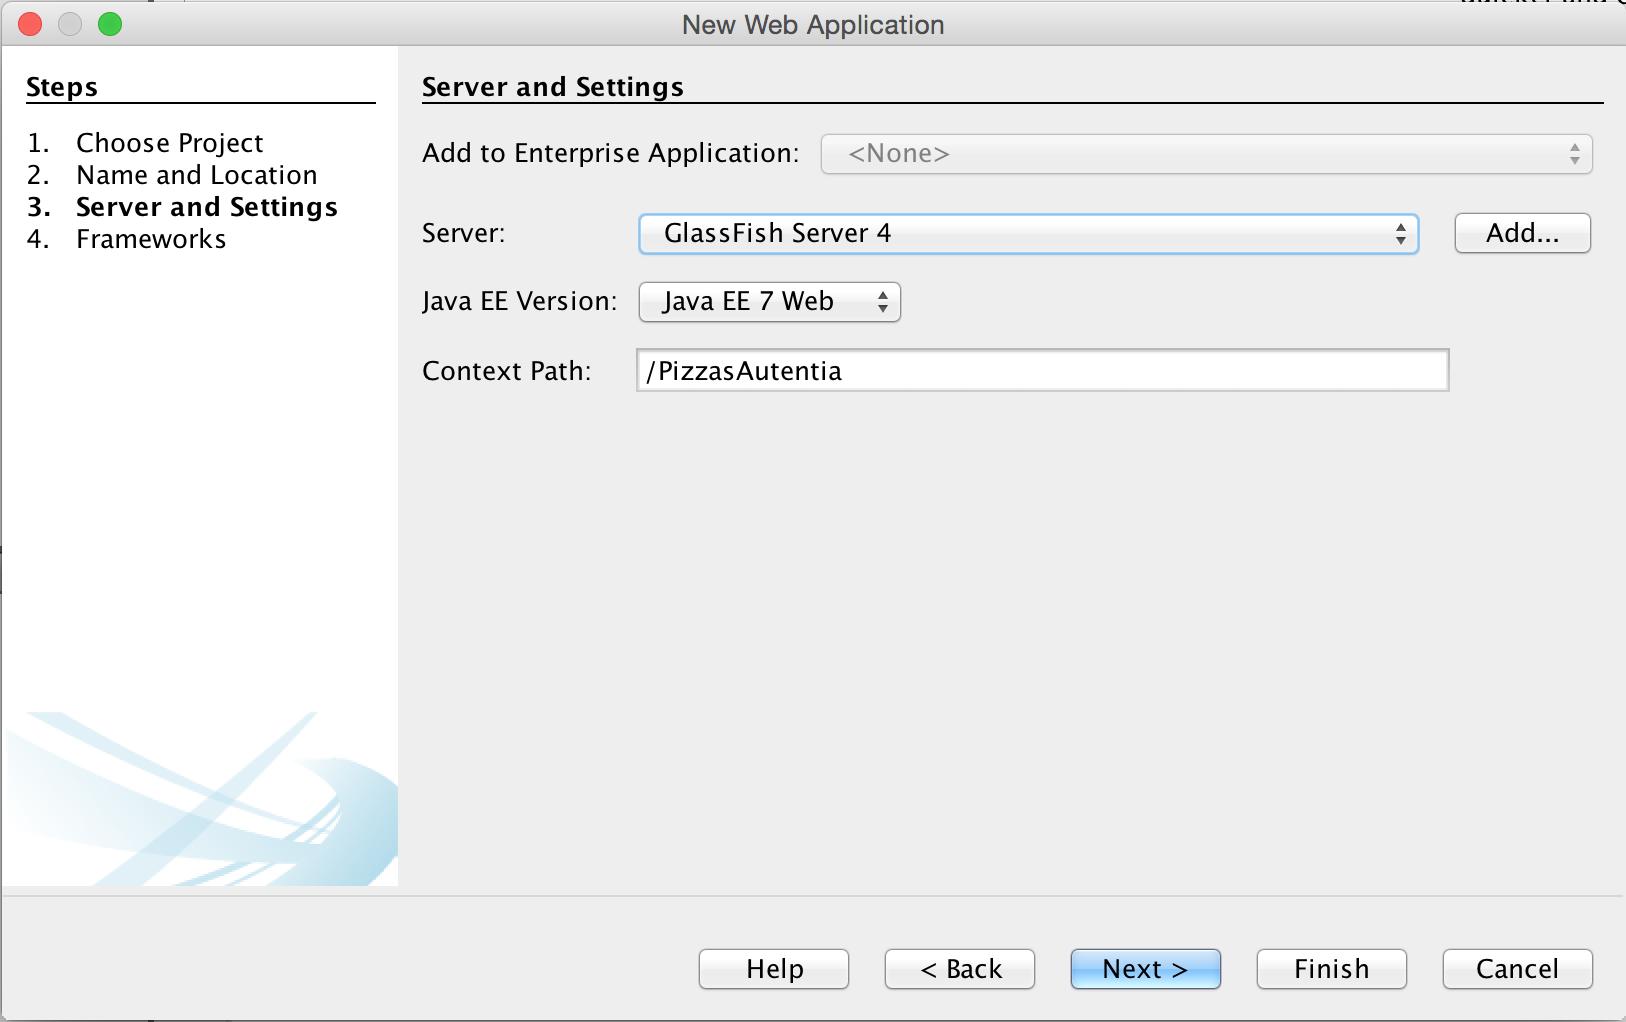 Creando servicios RESTful con NetBeans 8 - Adictos al trabajo